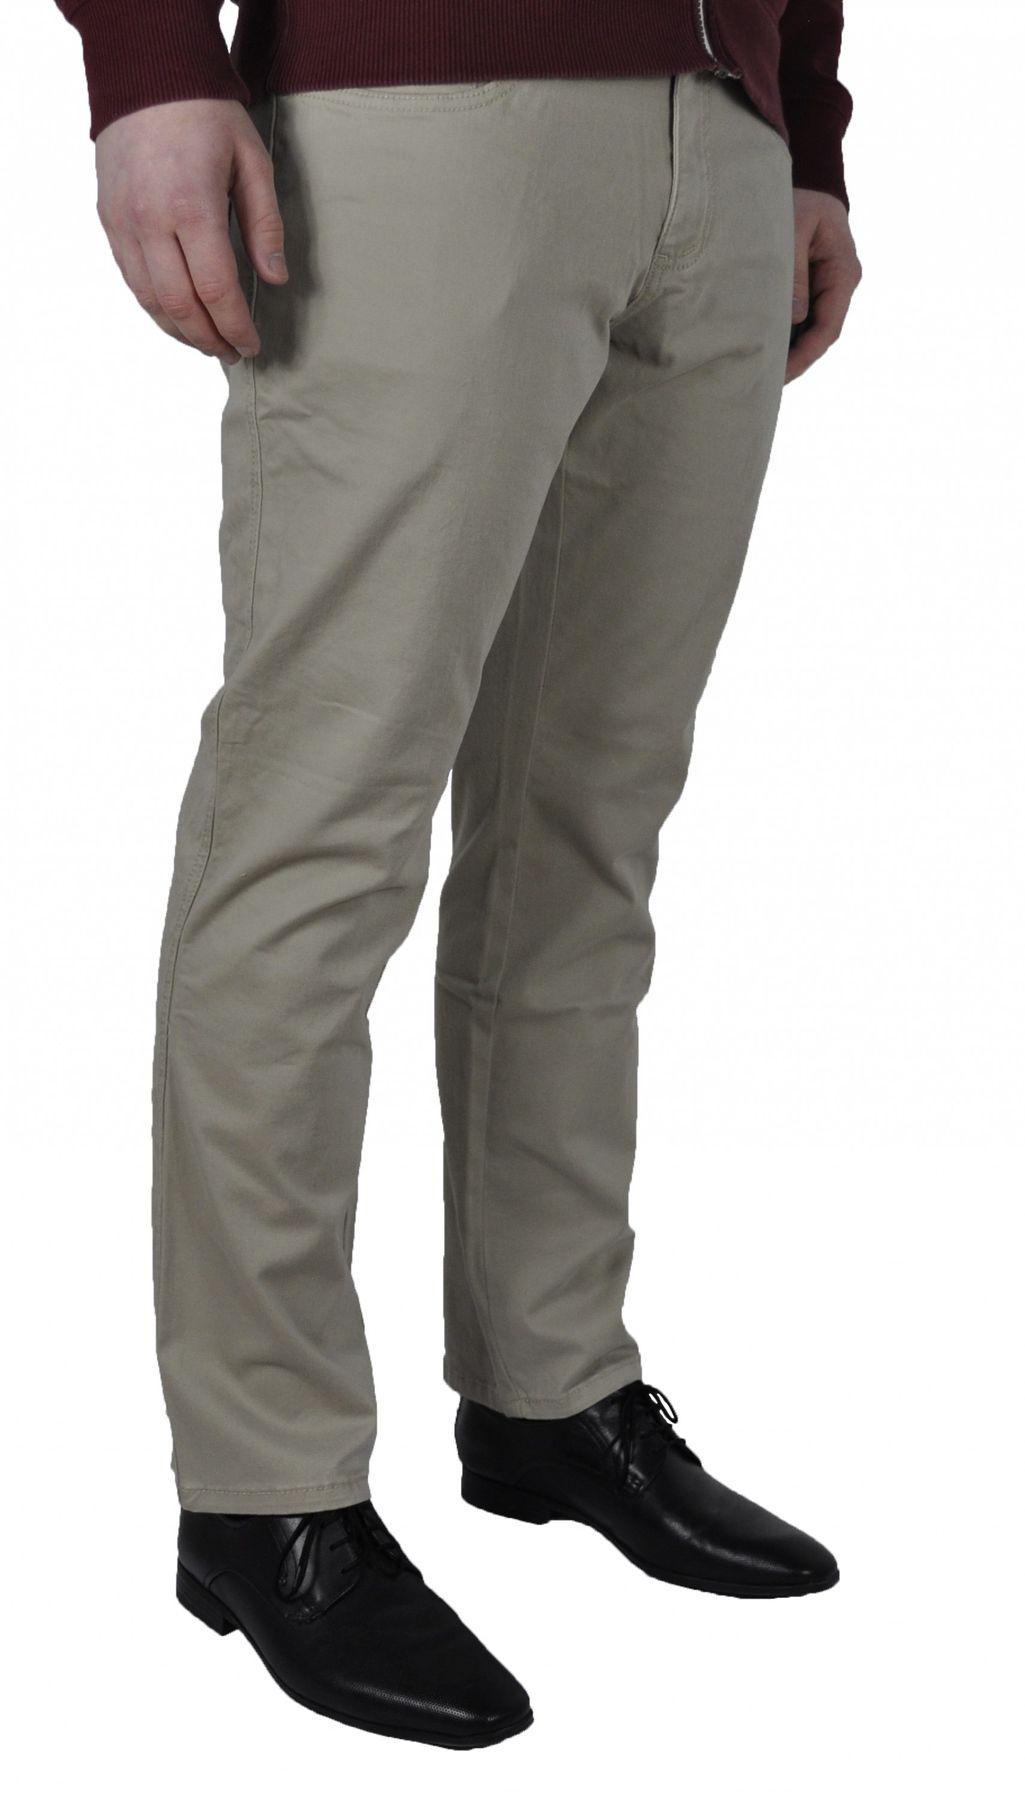 Stooker - Herren 5-Pocket Jeans in verschiedenen Farben, Frisco (5190) – Bild 10